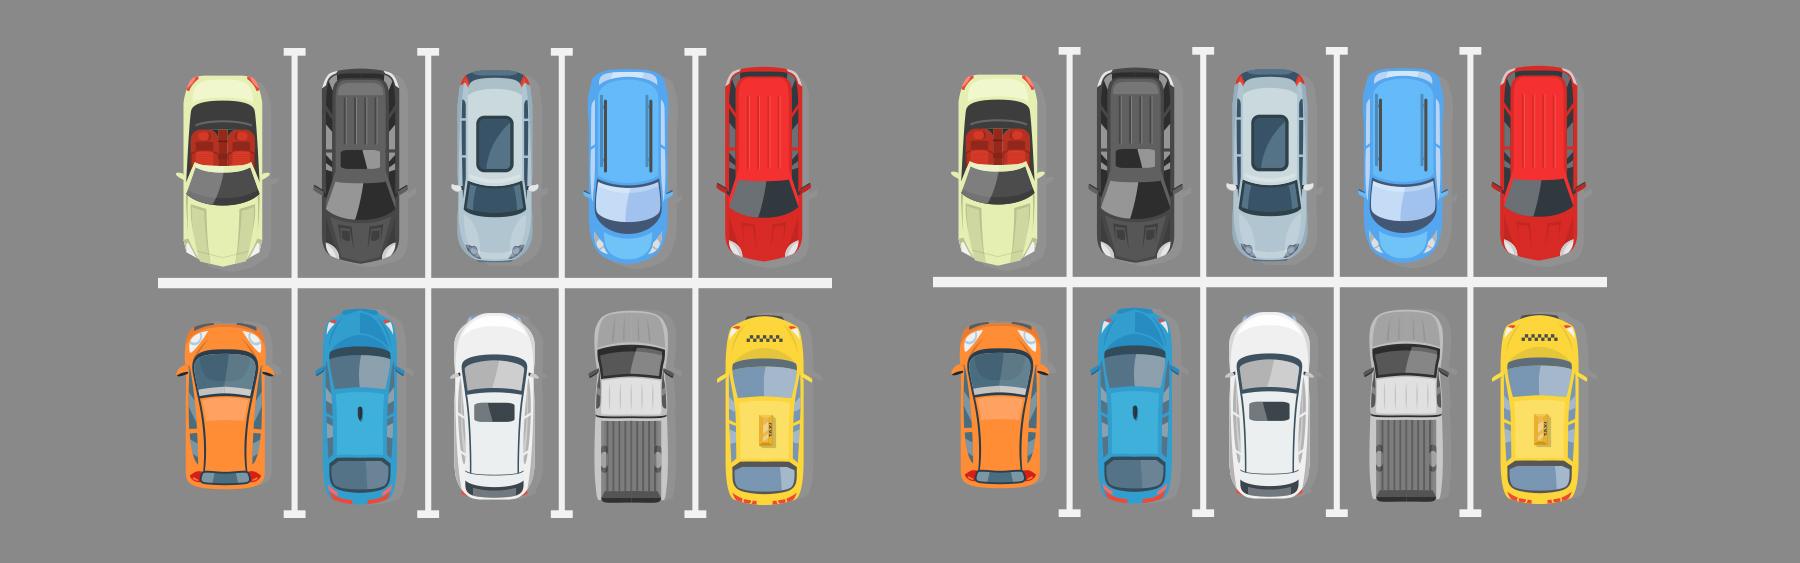 Parking Response 2018